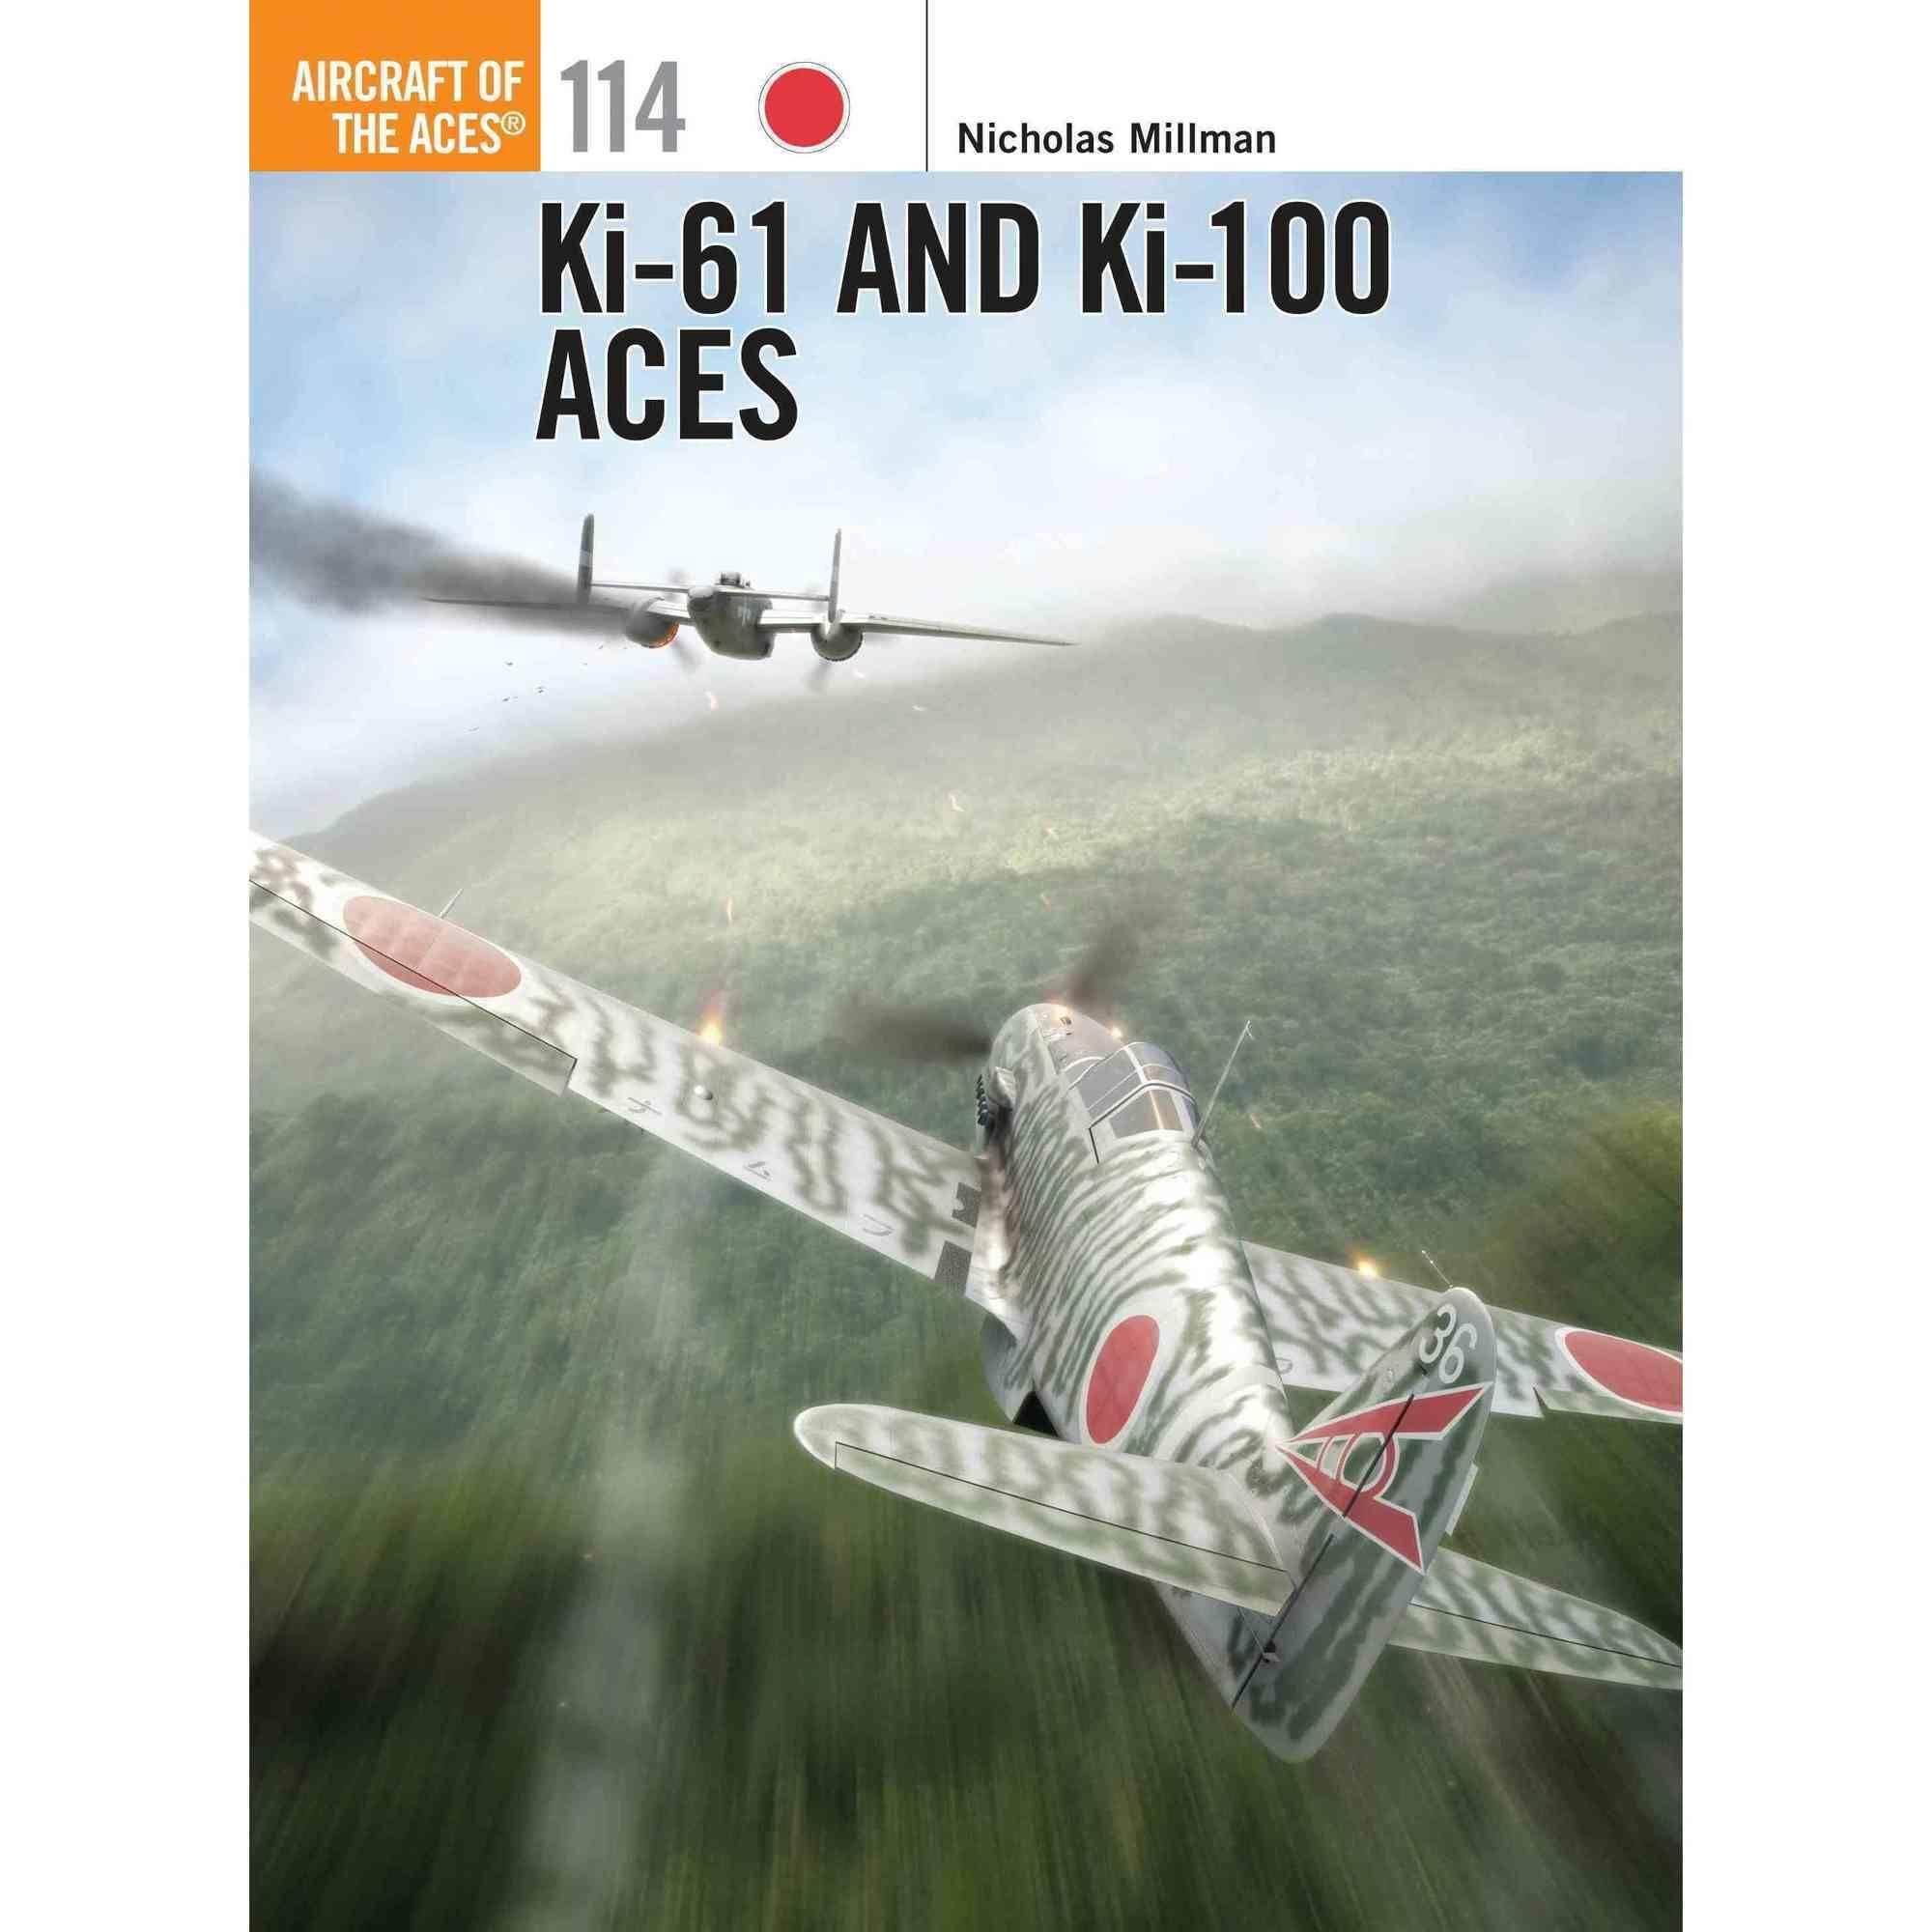 Image of Ki-61 and Ki-100 Aces